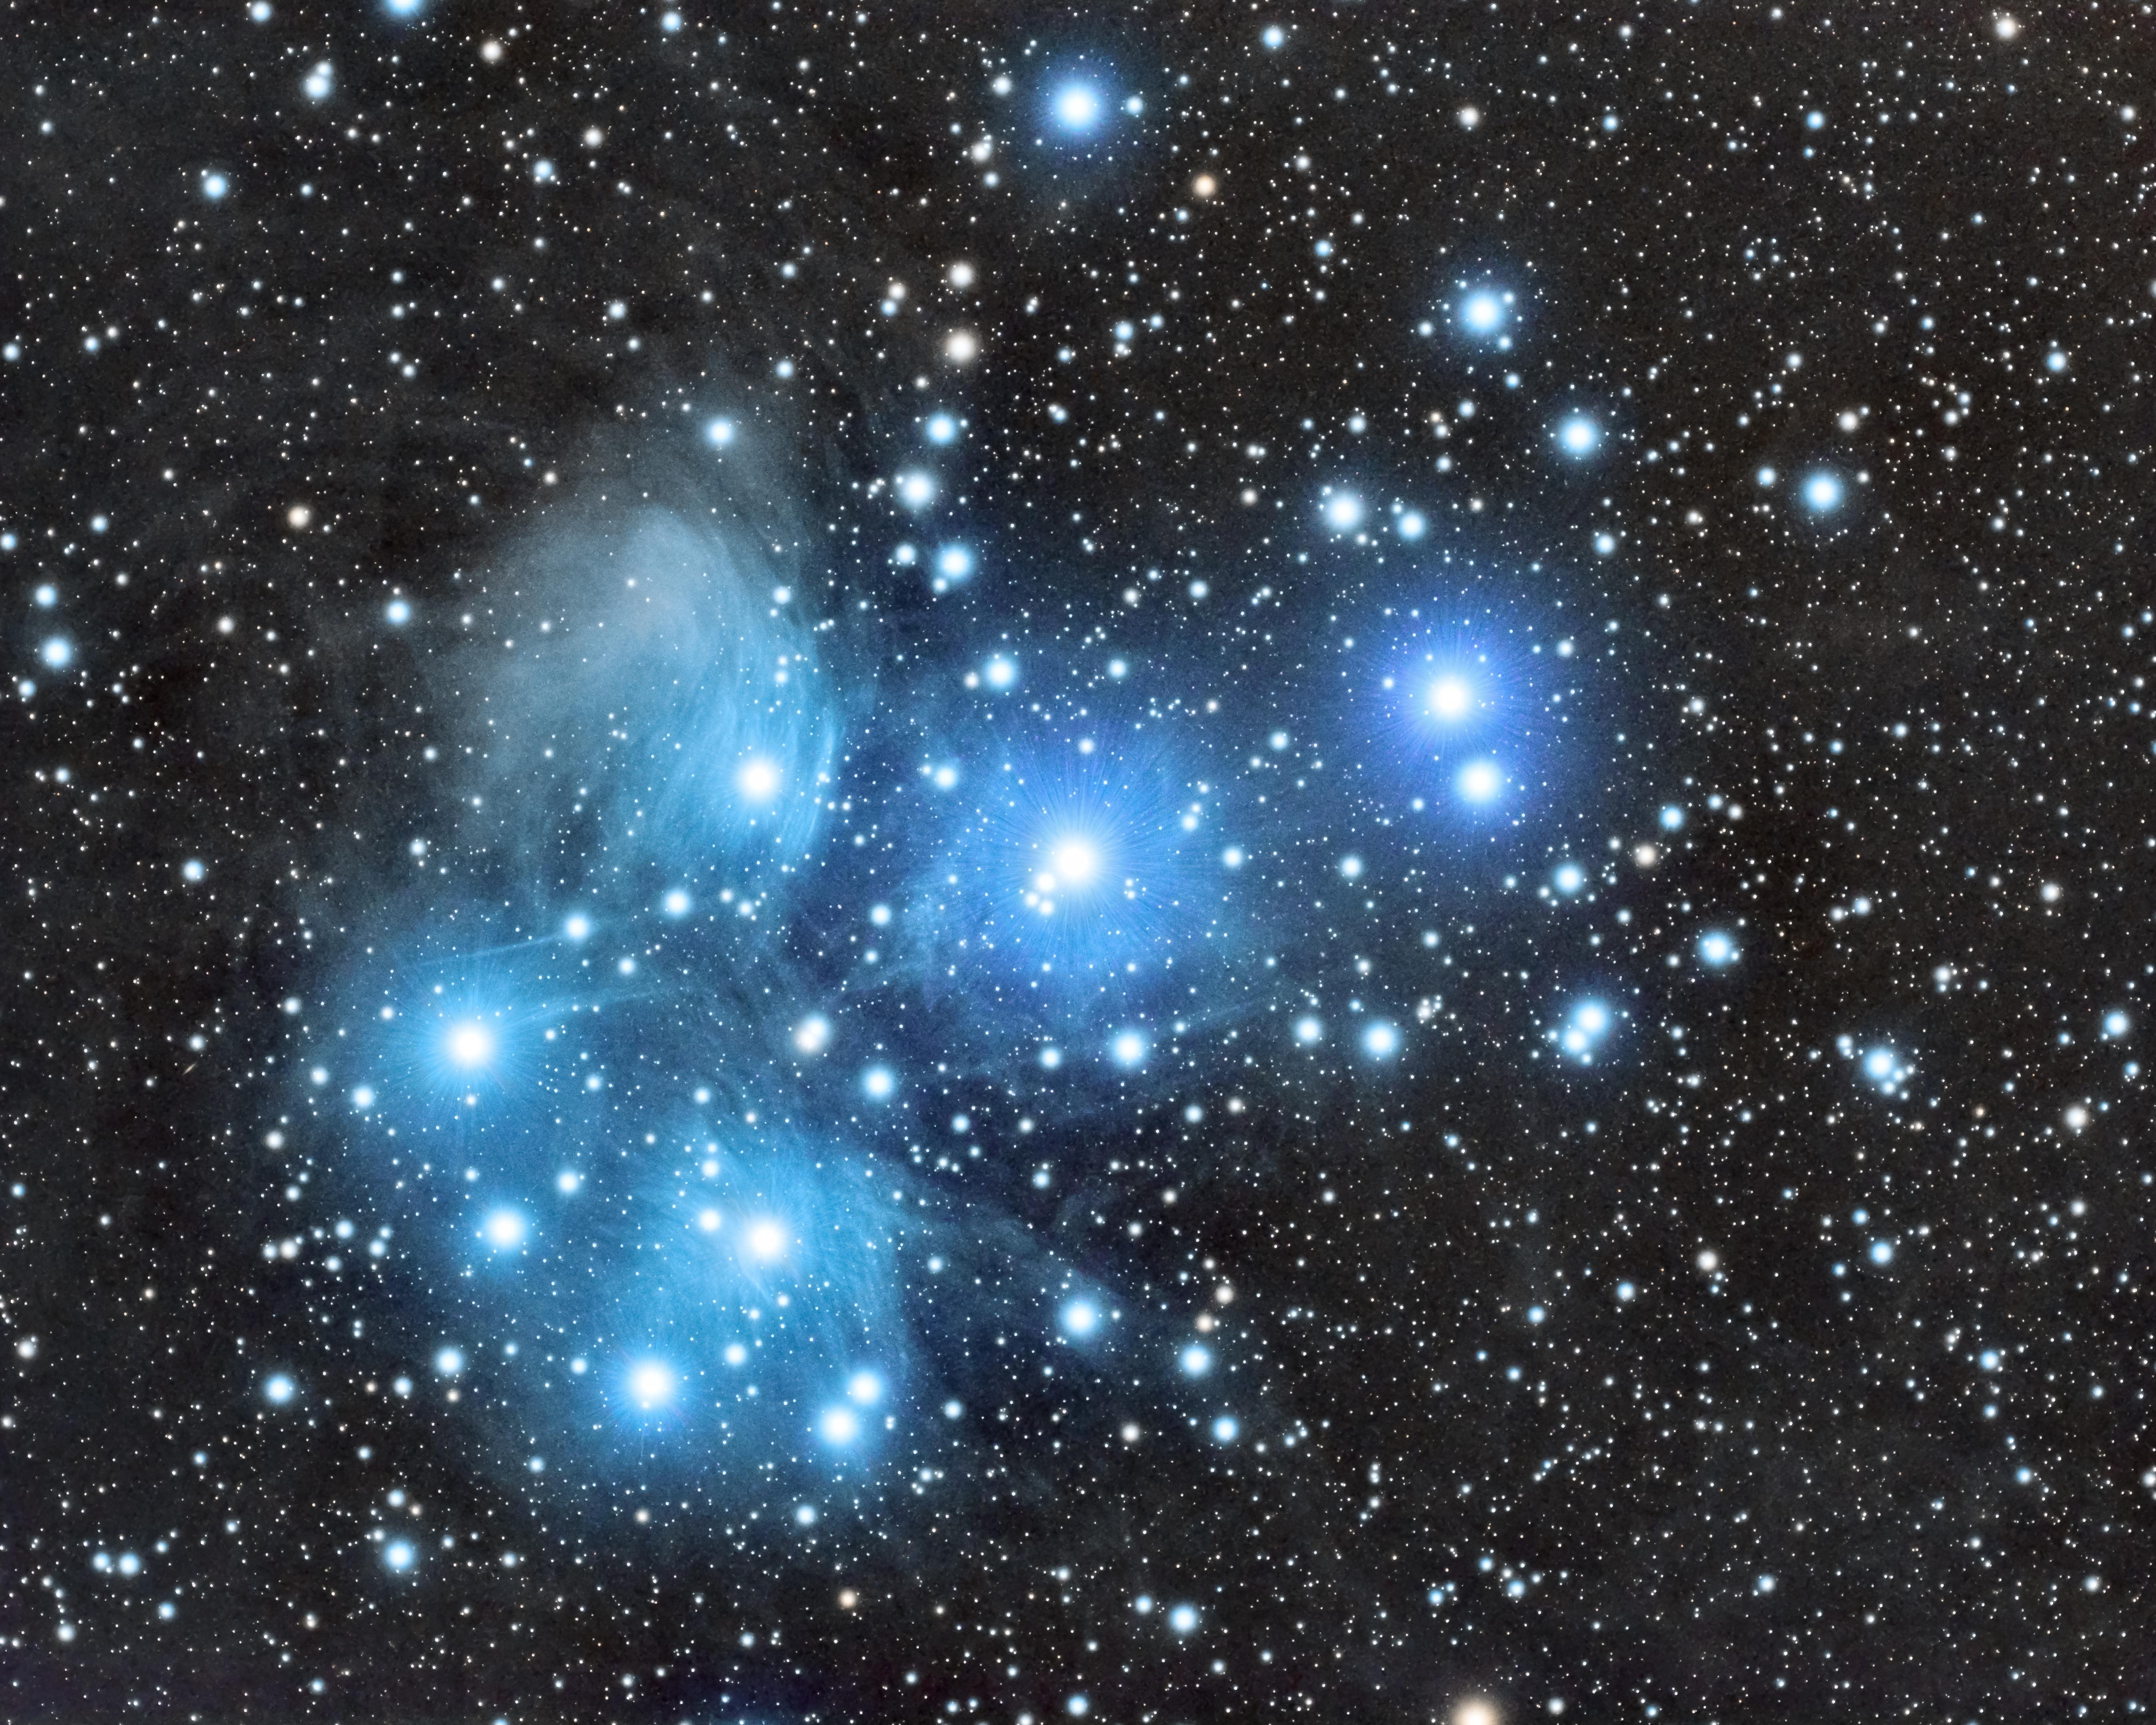 Surprise pour Ulysse31. M45